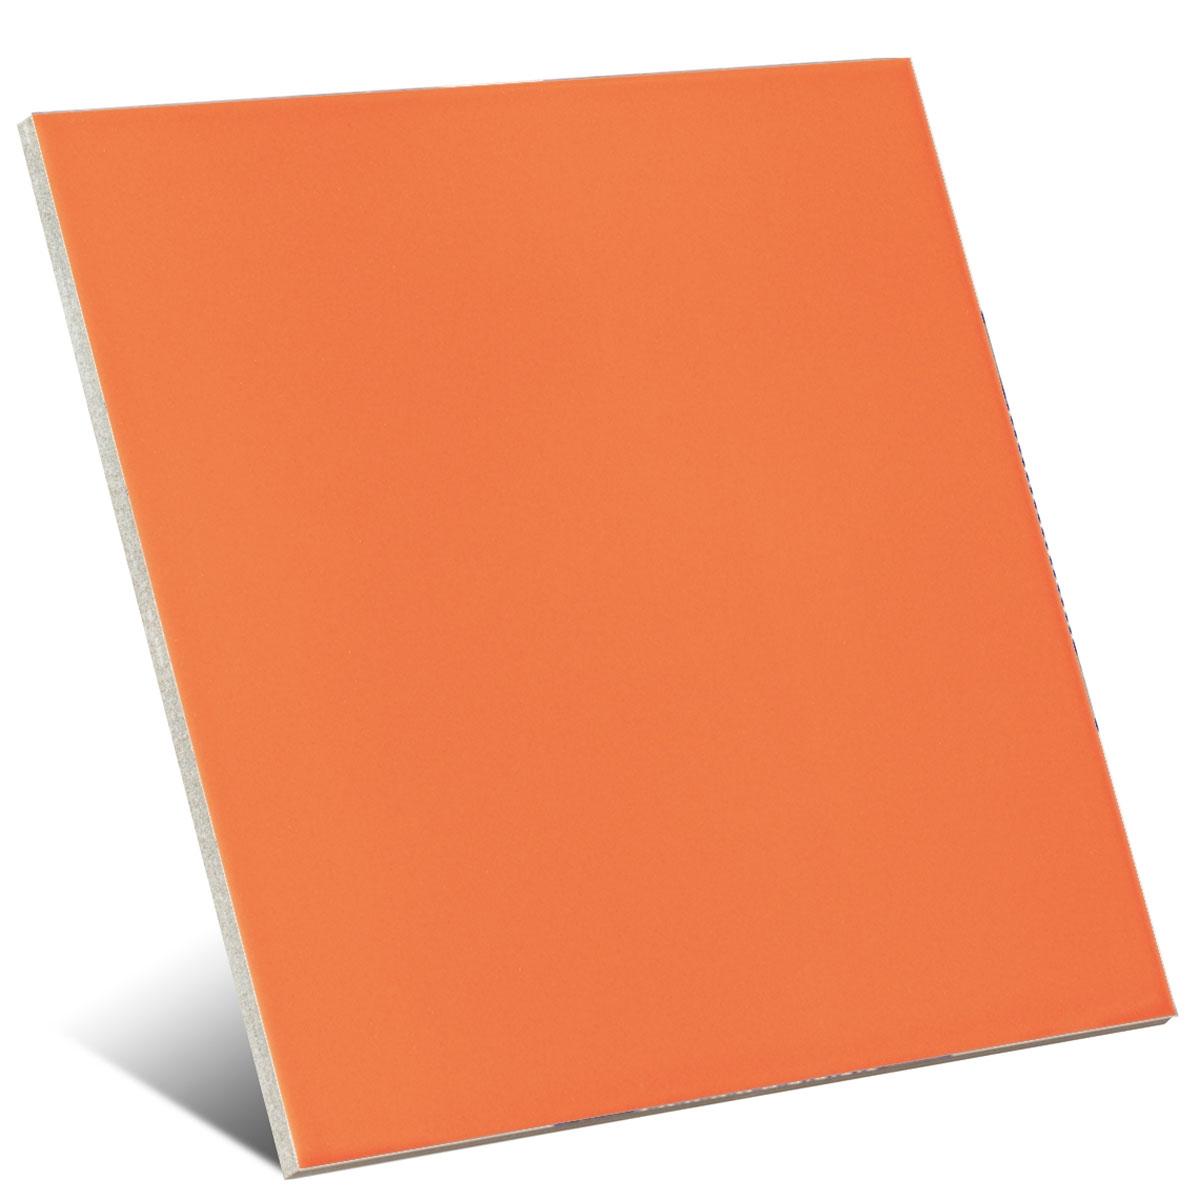 Color naranja mate 20x20 cm (caja 1 m2)